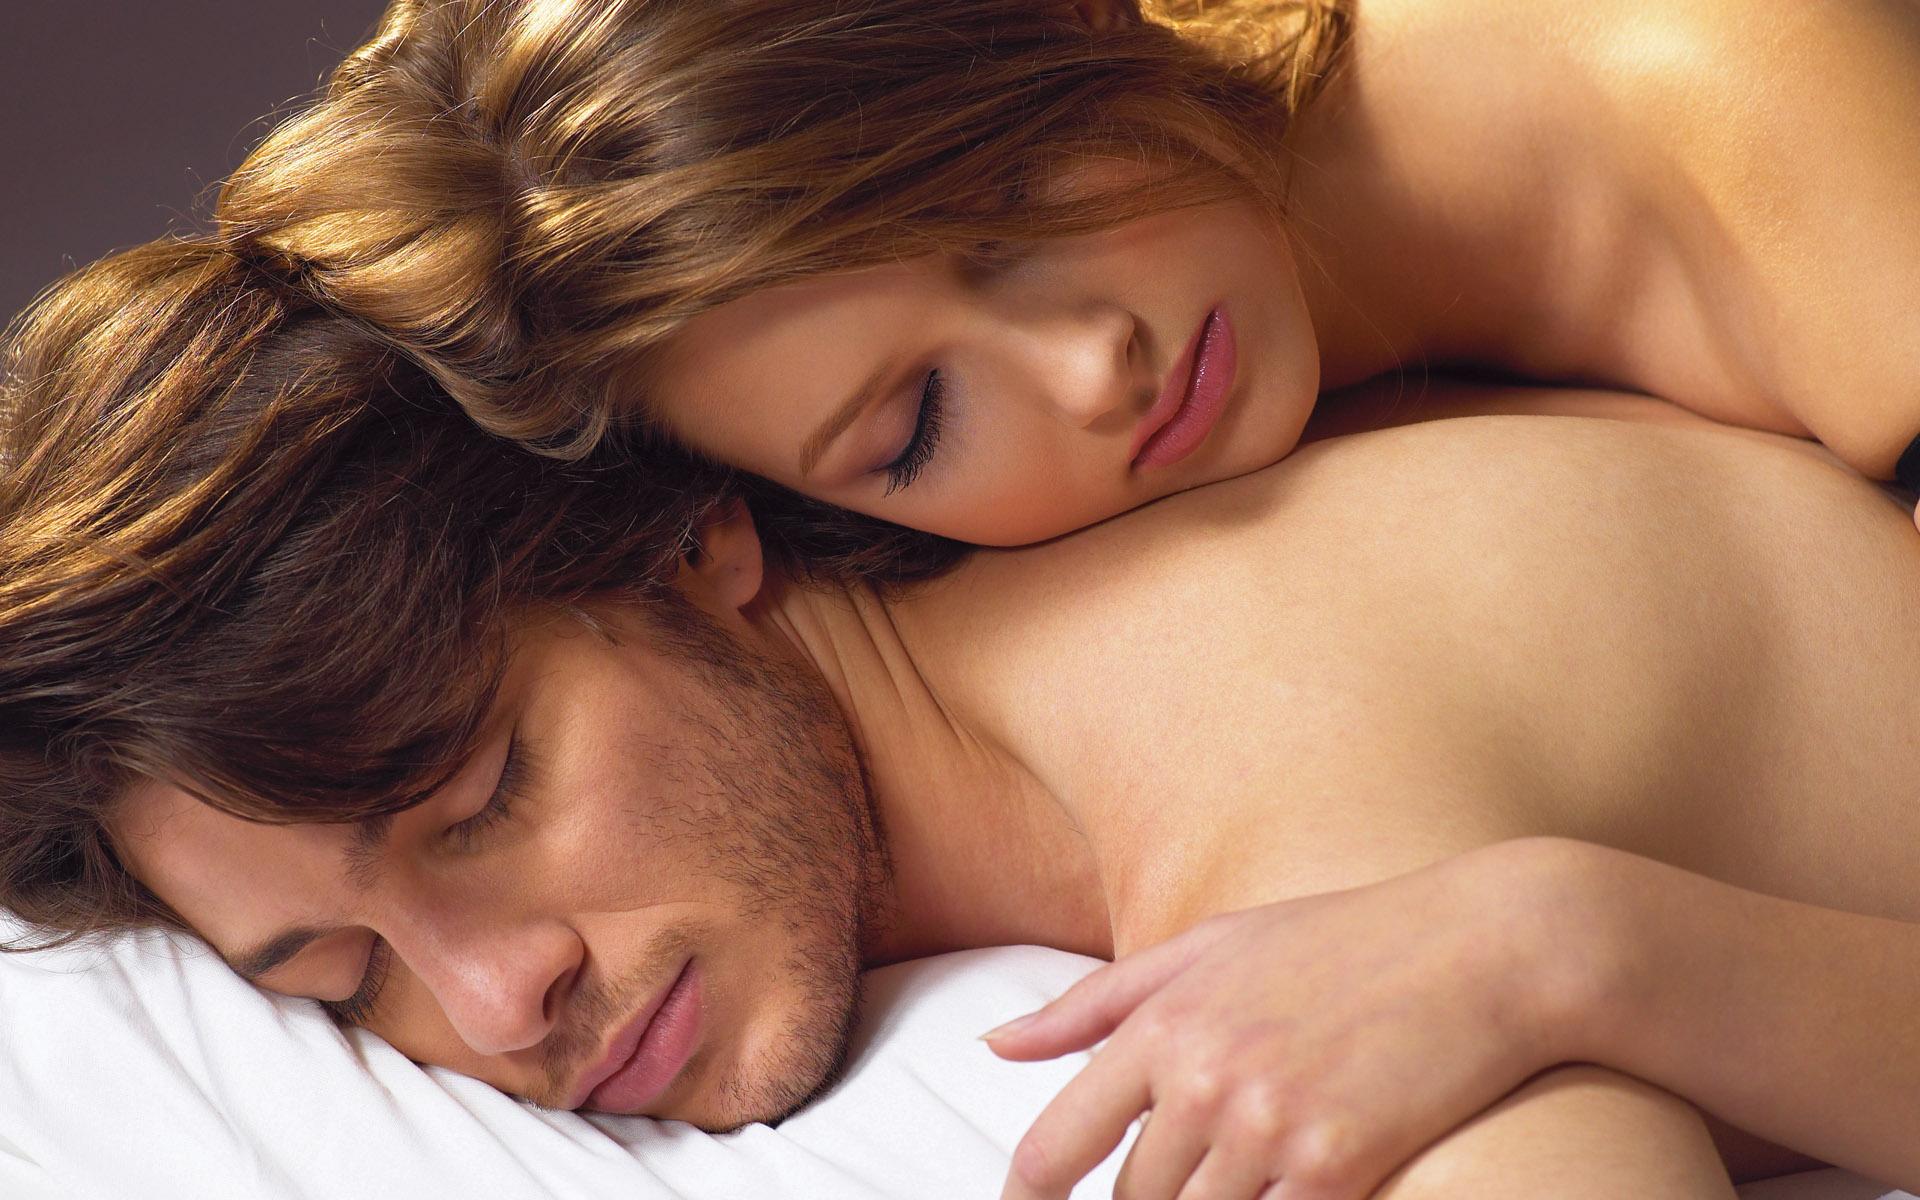 Şap Cinsel İstek ve Dürtüyü Azaltır mı?